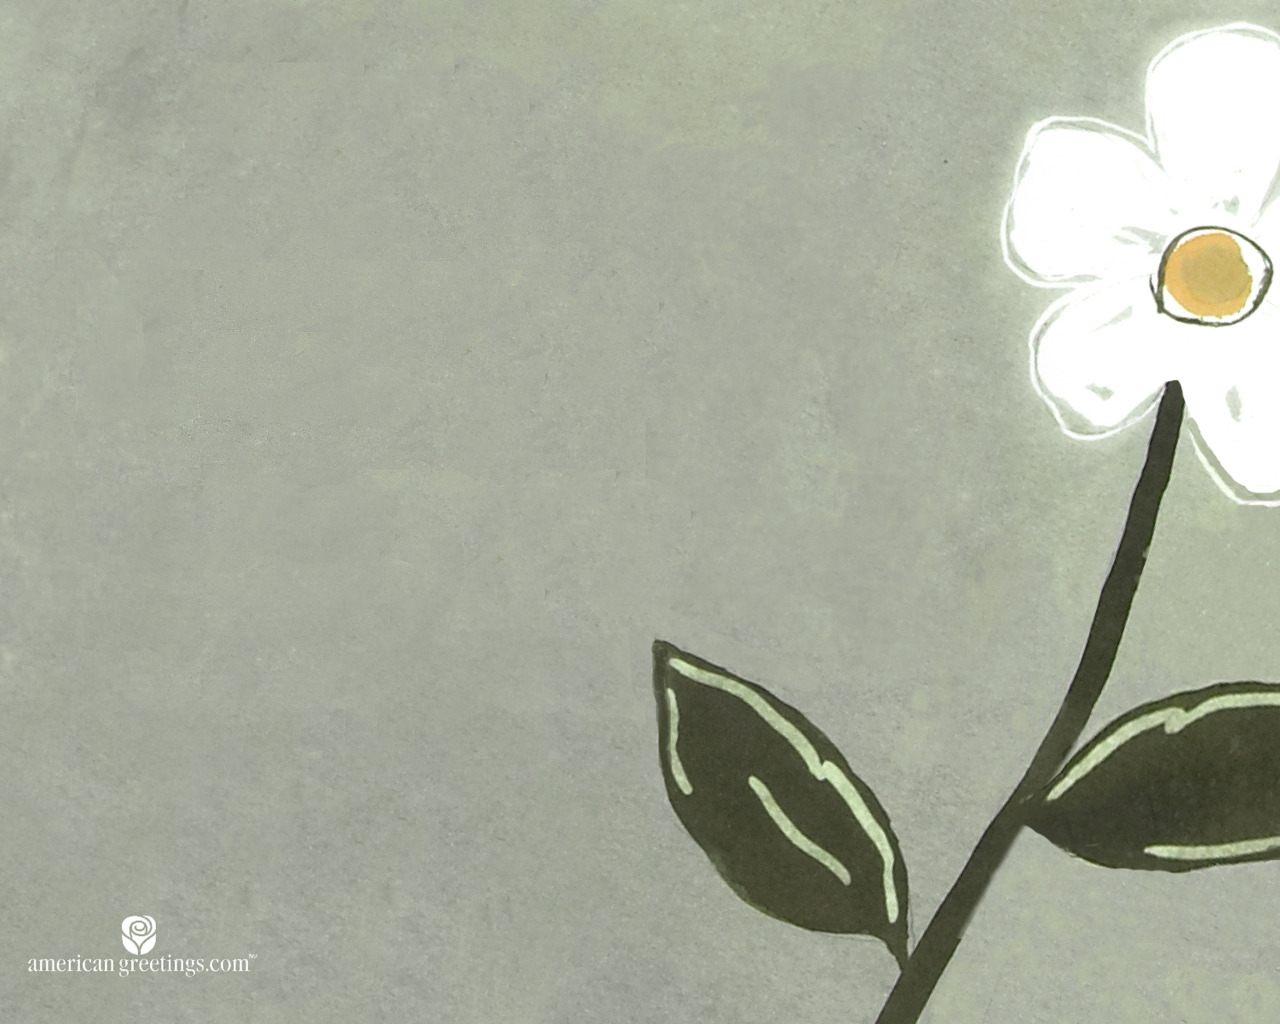 Цветок ромашка фото » DreemPics.com - картинки и рисунки ...